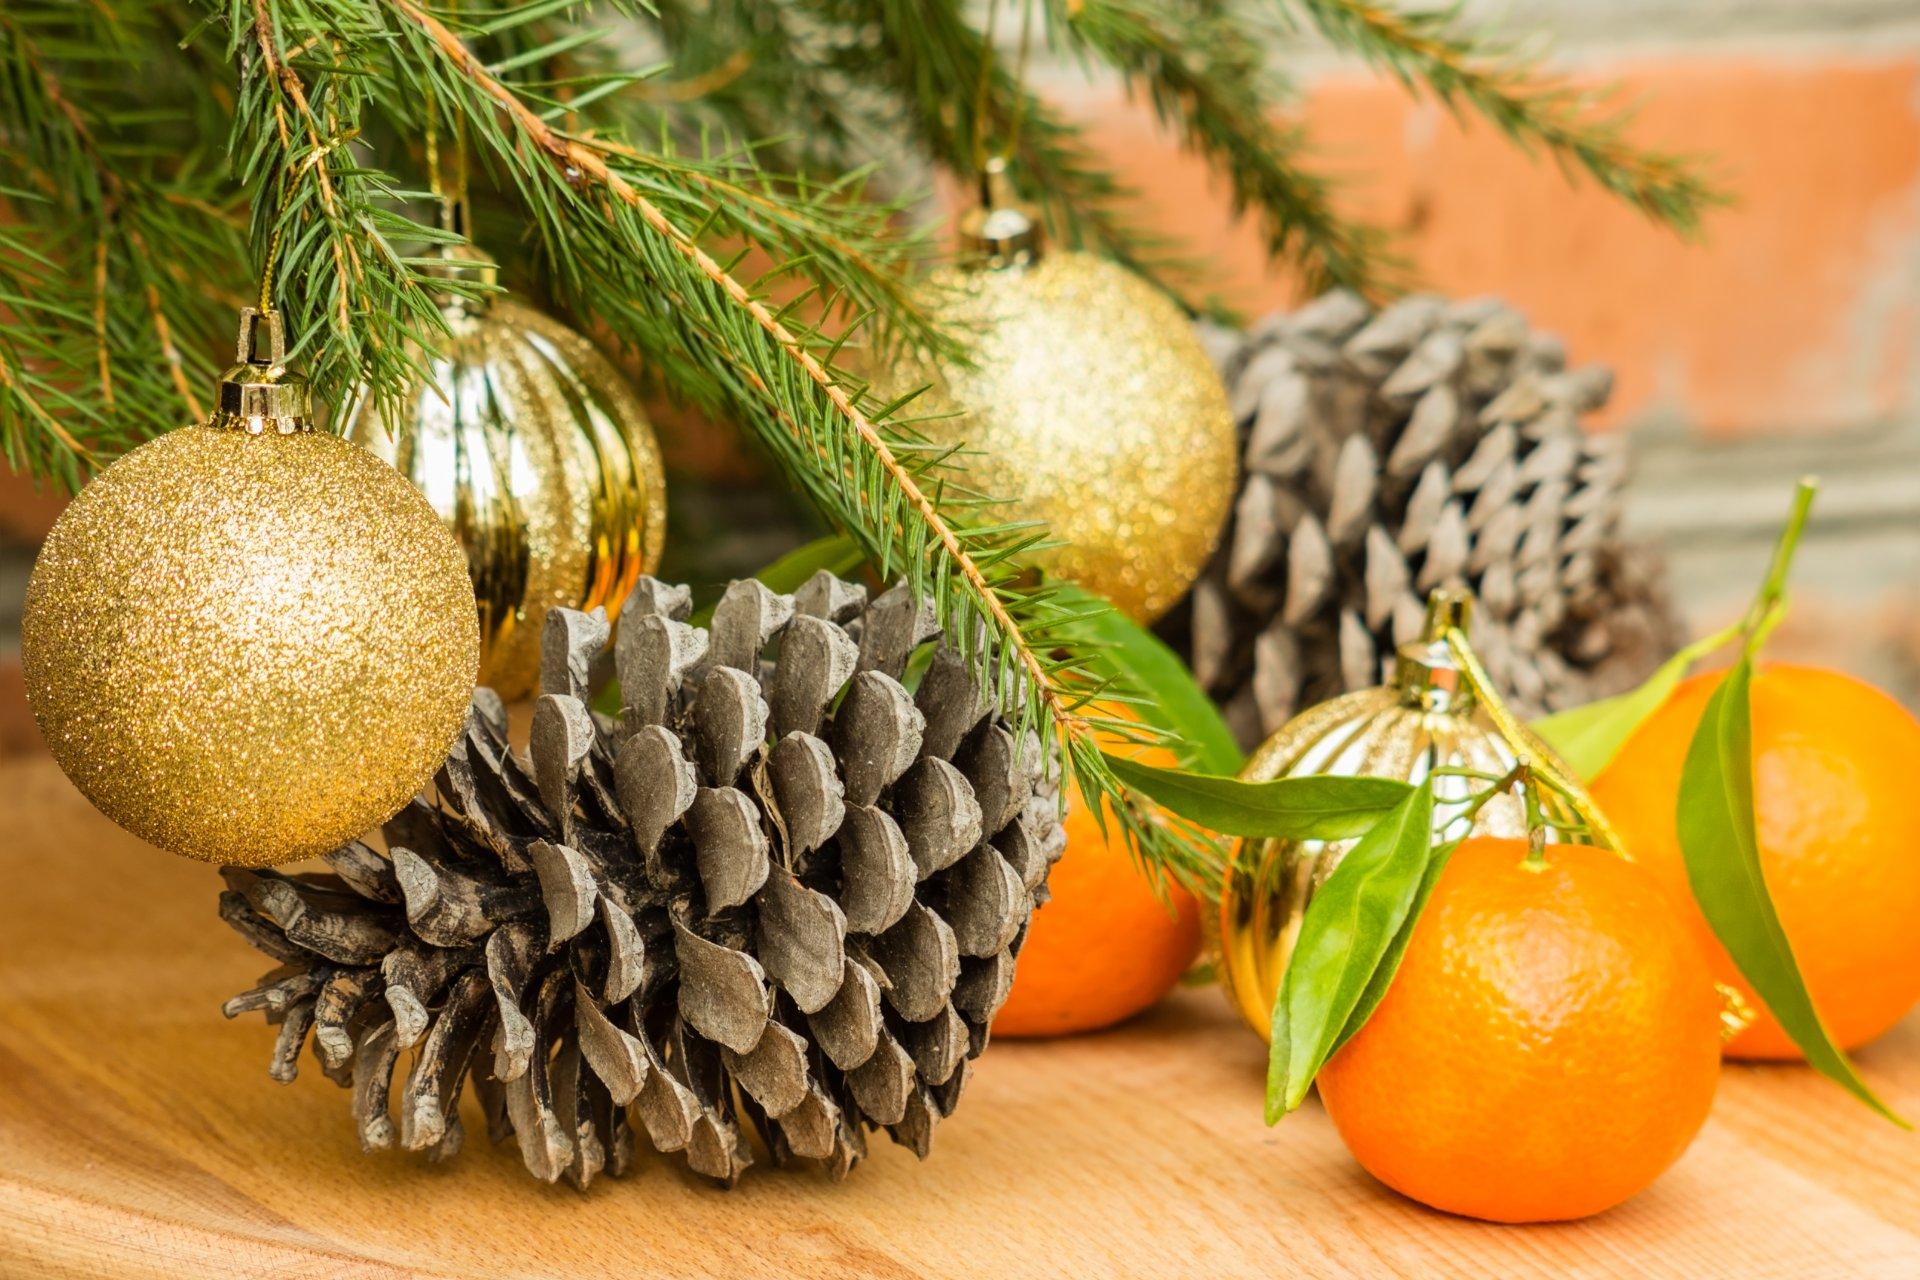 Картинки с мандаринами к новому году, днем